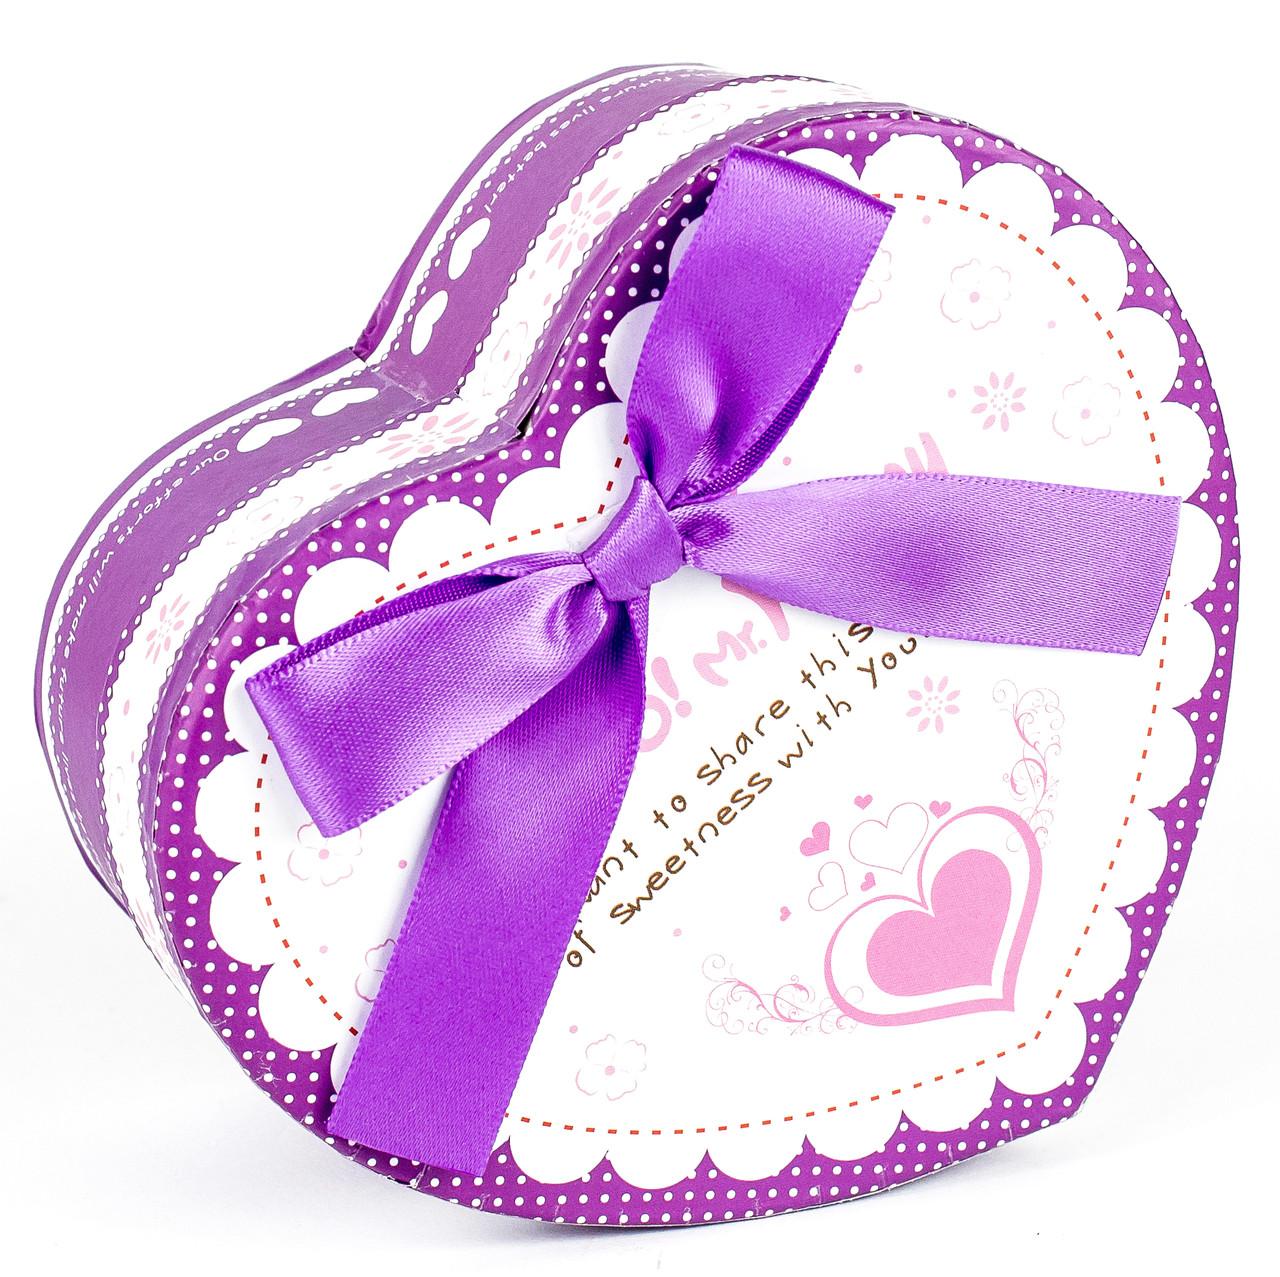 Подарочная коробочка в форме сердца фиолетовая 15 x 13 x 7.2 см